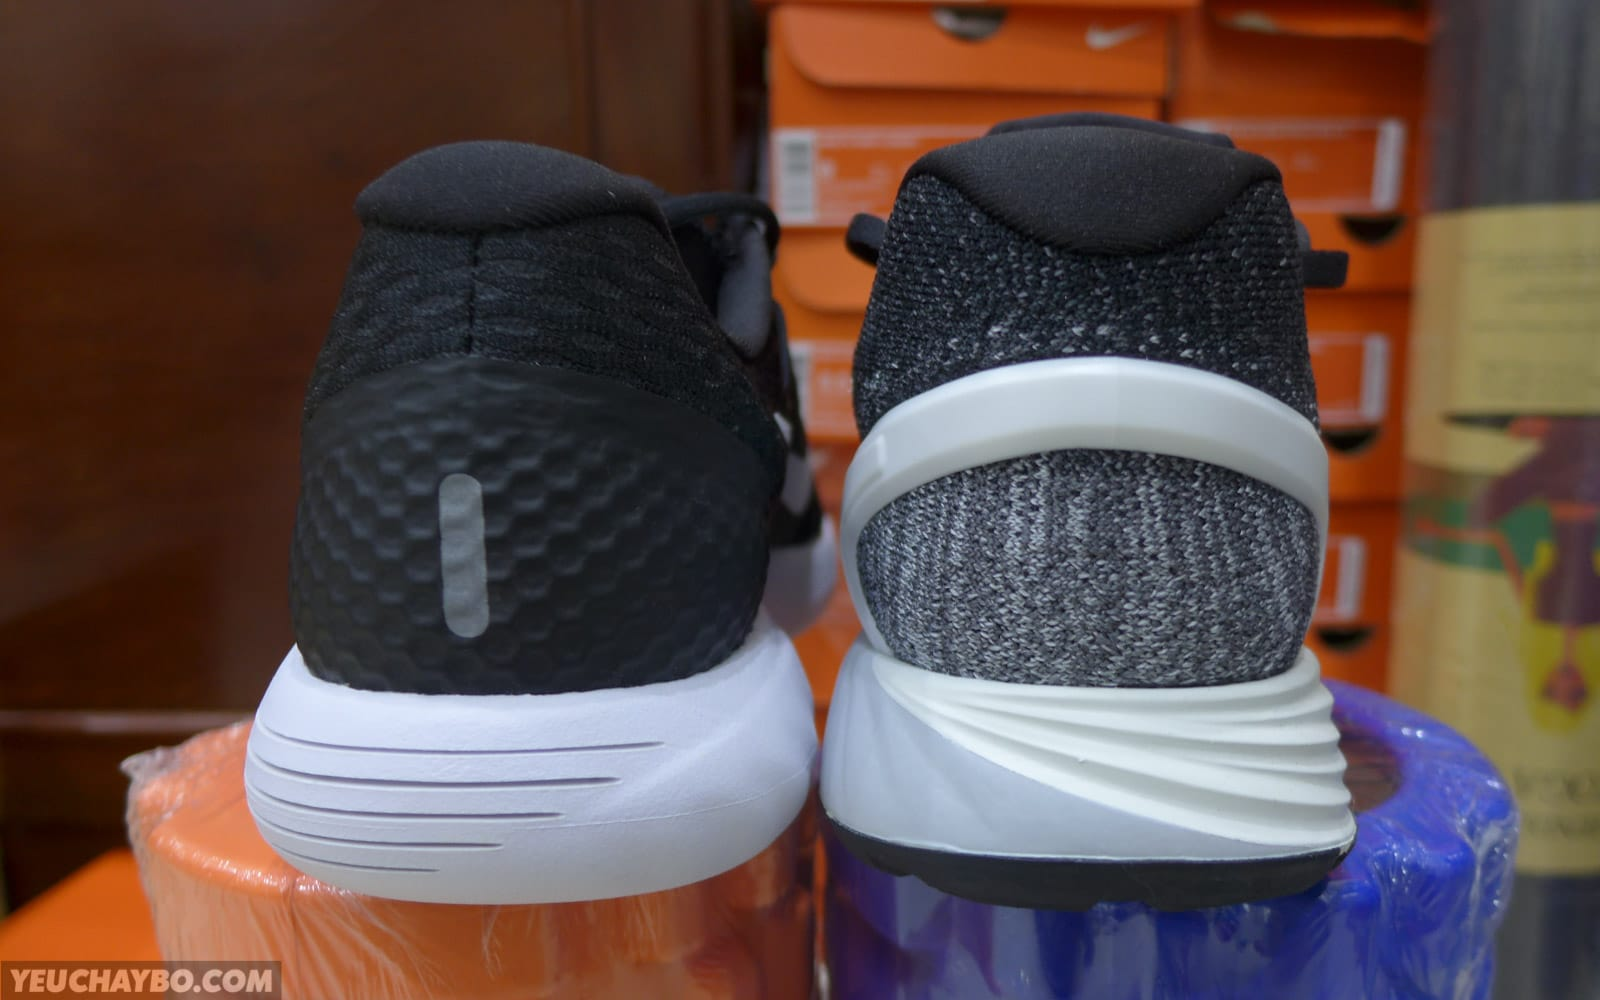 bfd599e84847c Trên chân Nike LunarGlide 8 -  Phần 2  Sánh vai cạnh LunarGlide 7 ...